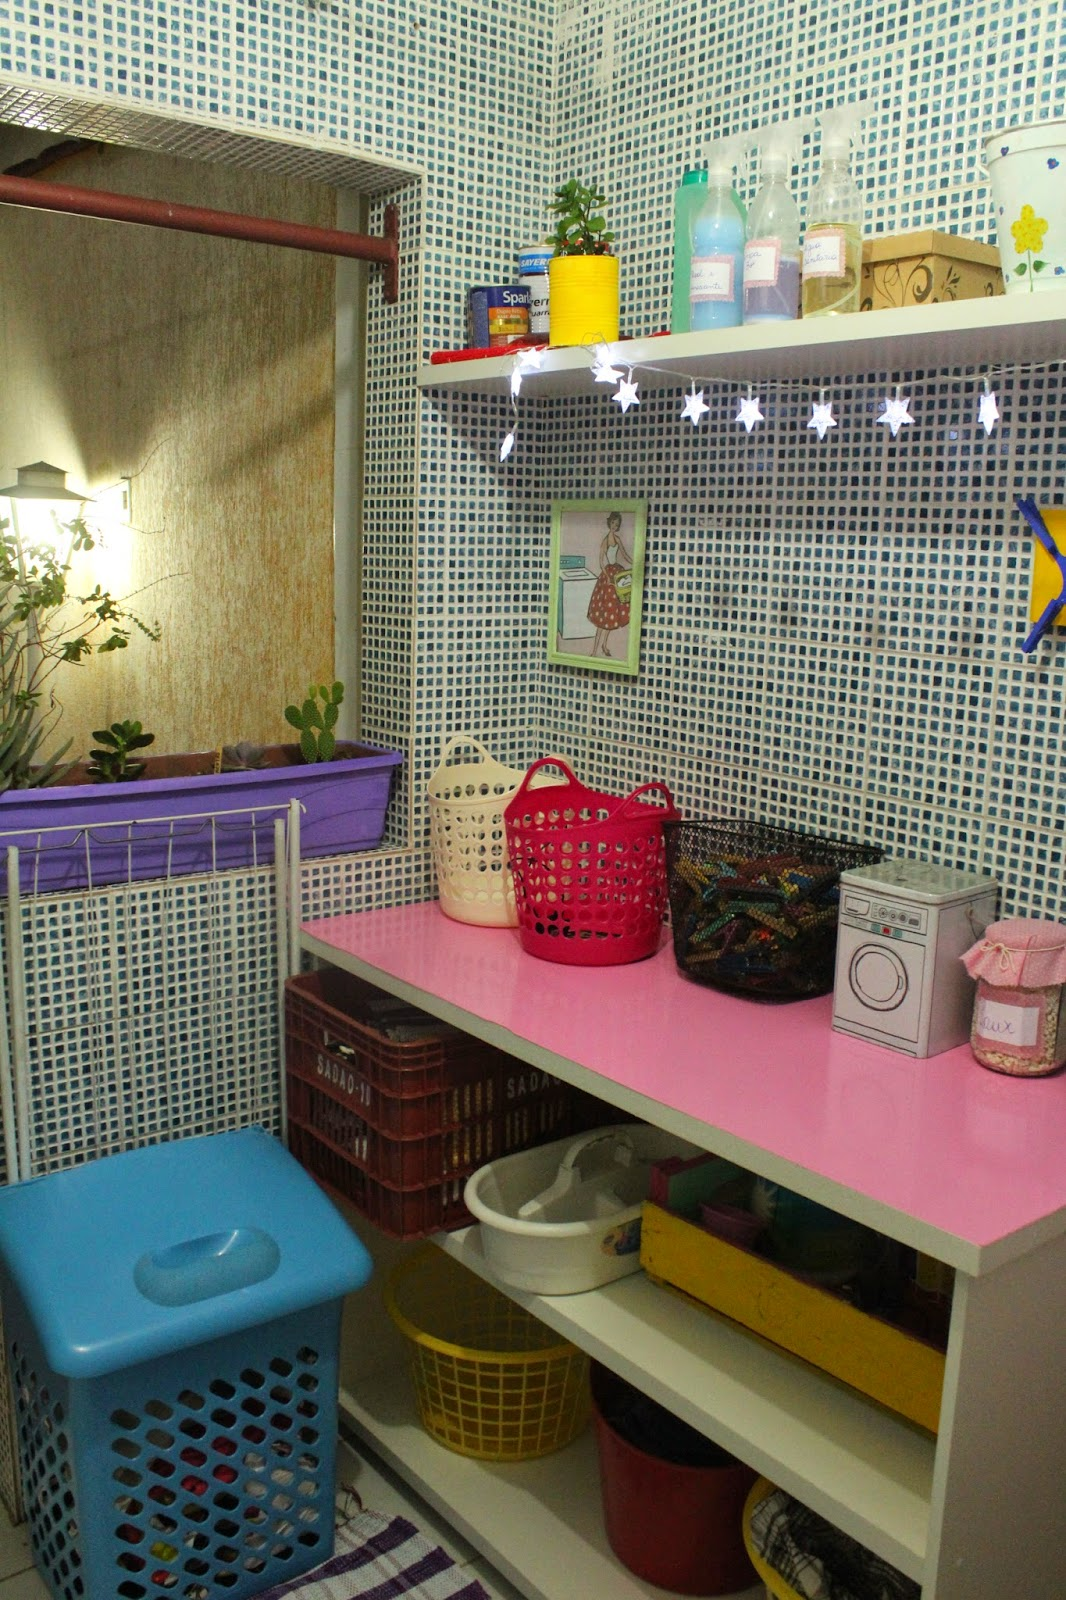 lavanderia fofa, Lavanderia, Organizando a lavanderia, como organizar a lavanderia, organizando roupas sujas, como otimizar a lavanderia, como lavar roupas sujas